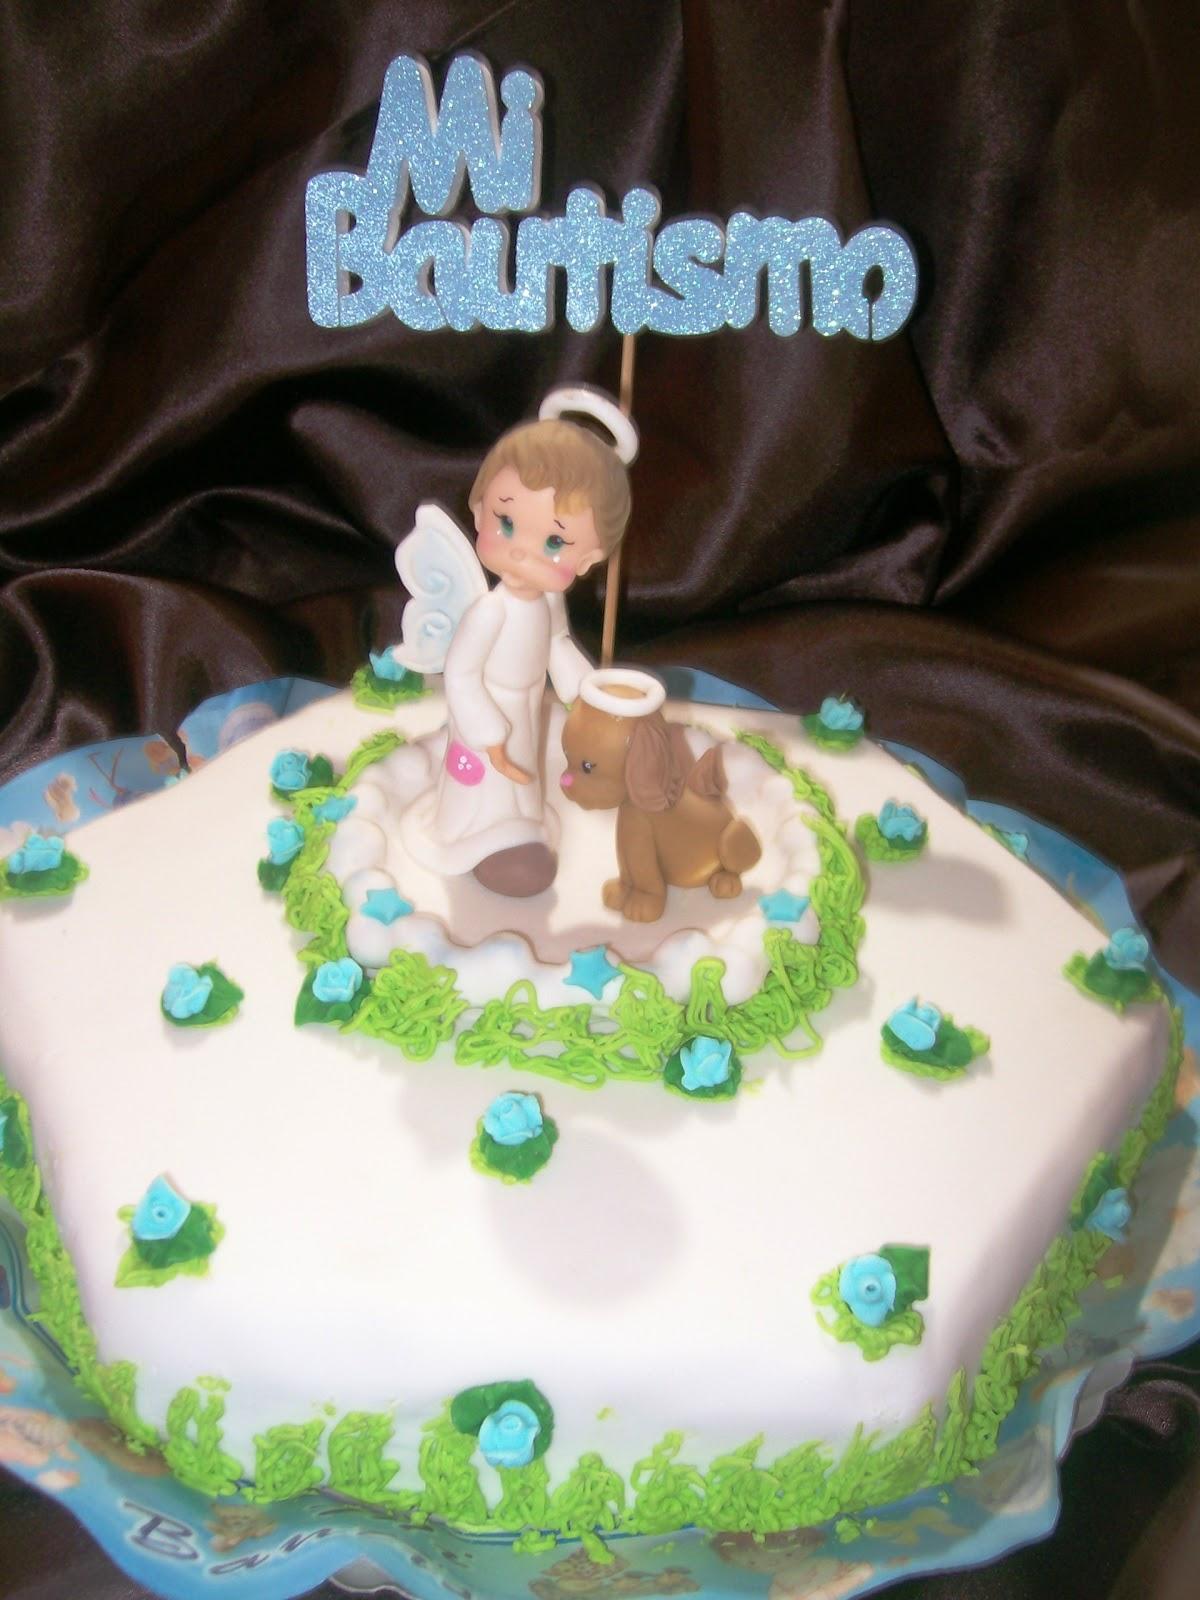 http://3.bp.blogspot.com/_STXHlT77z50/TQ7K09A6eoI/AAAAAAAAAeU/mZvfkw9Eo68/s1600/mi+bautismo+2.jpg